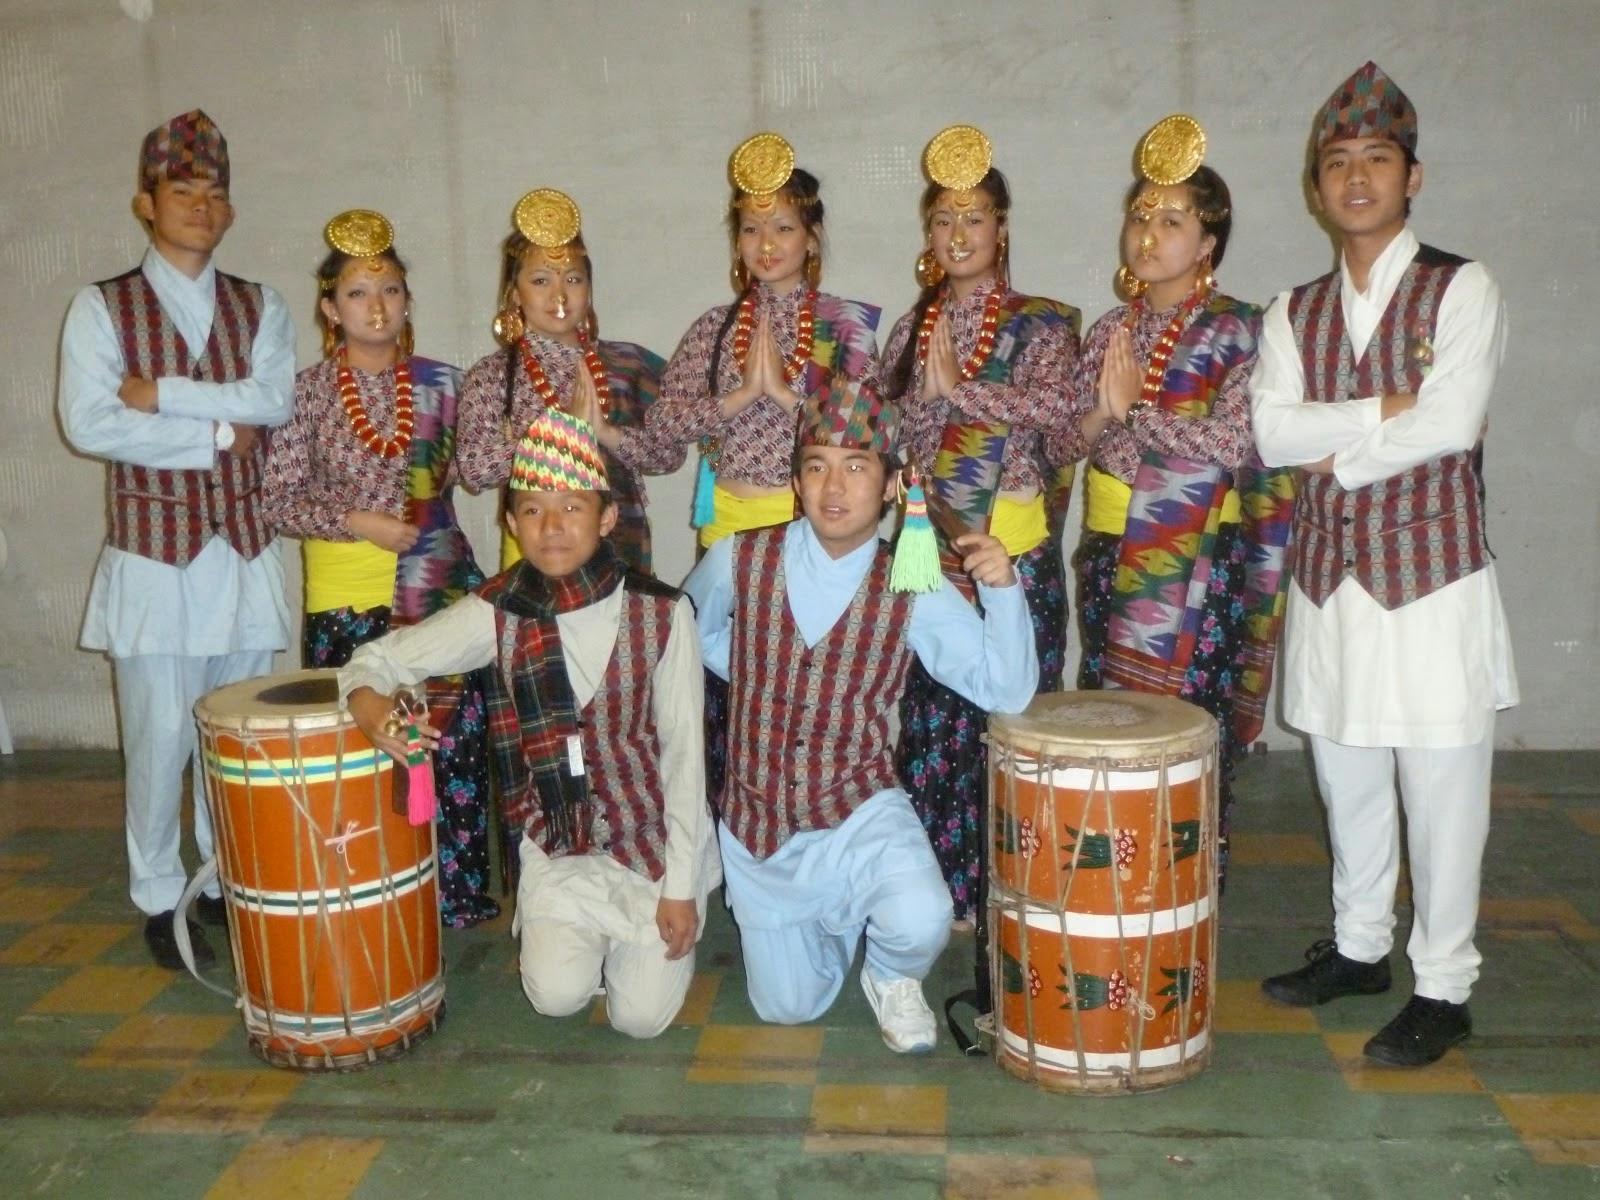 Nepali culture wedding ceremony in nepal nepali vasa for Wedding dress nepali culture